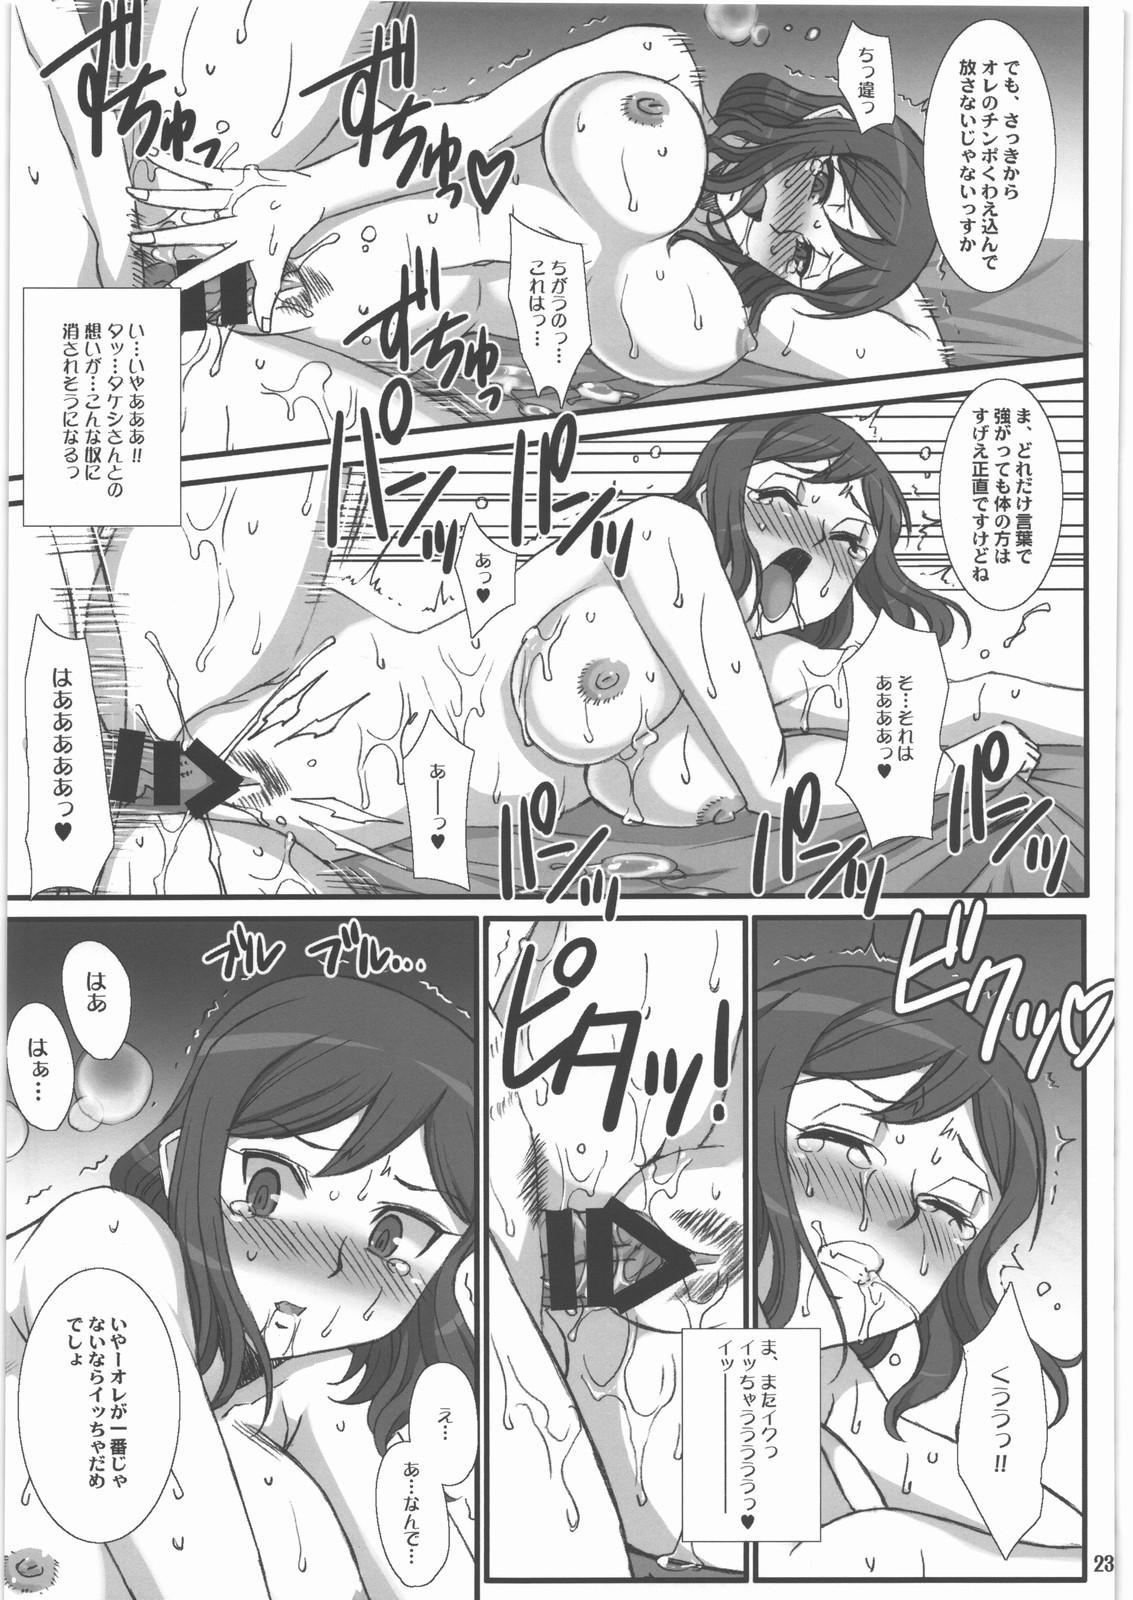 (C85) [H.B (B-RIVER)] Rin toshite Saku Hana no You ni - Saenai PlaMo-ya no Onna Tenshu ga Netorareru Monogatari (Gundam Build Fighters) 21